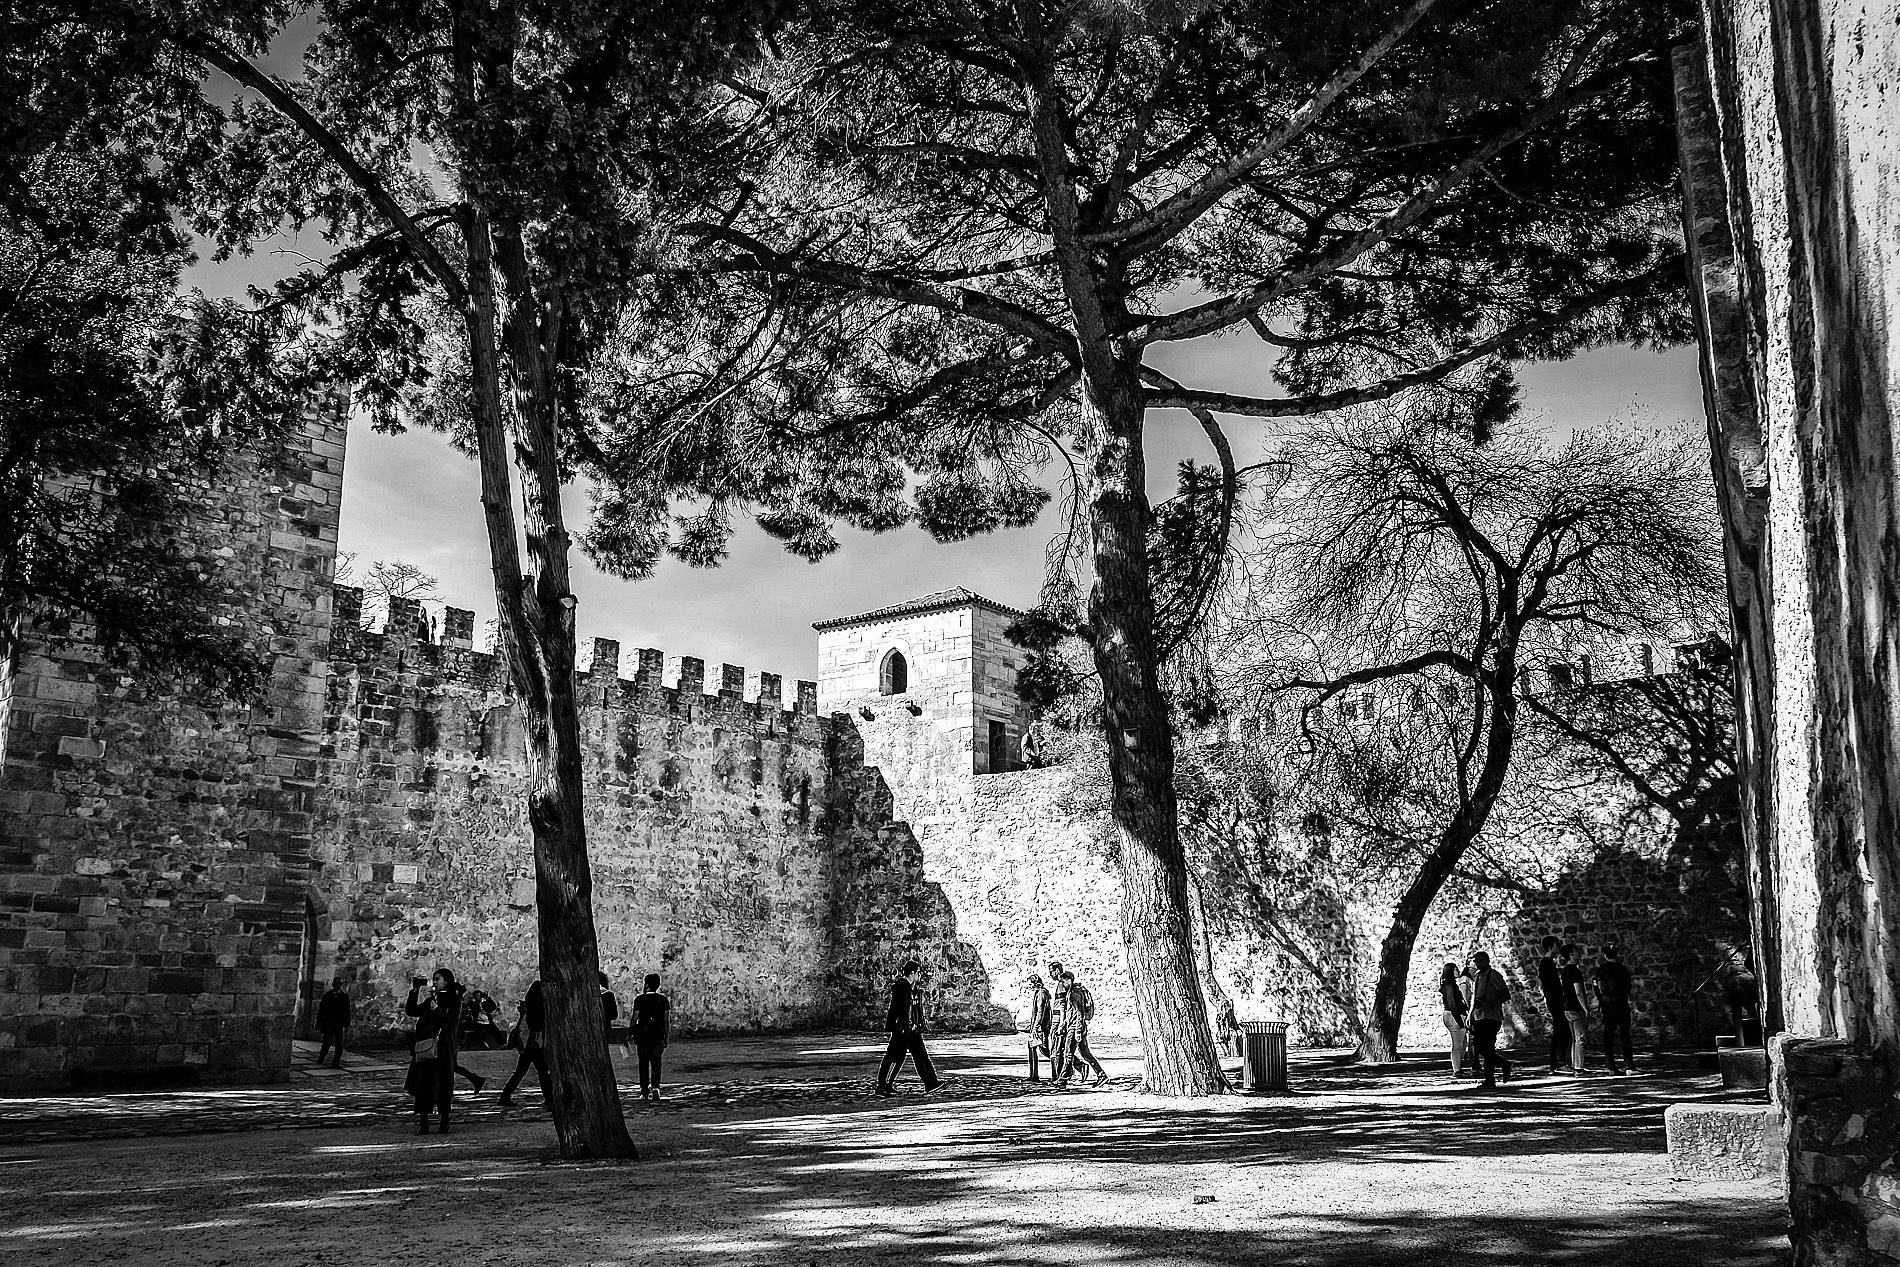 Lissabon_Lisbon_street_portrait_martinfrick-1466